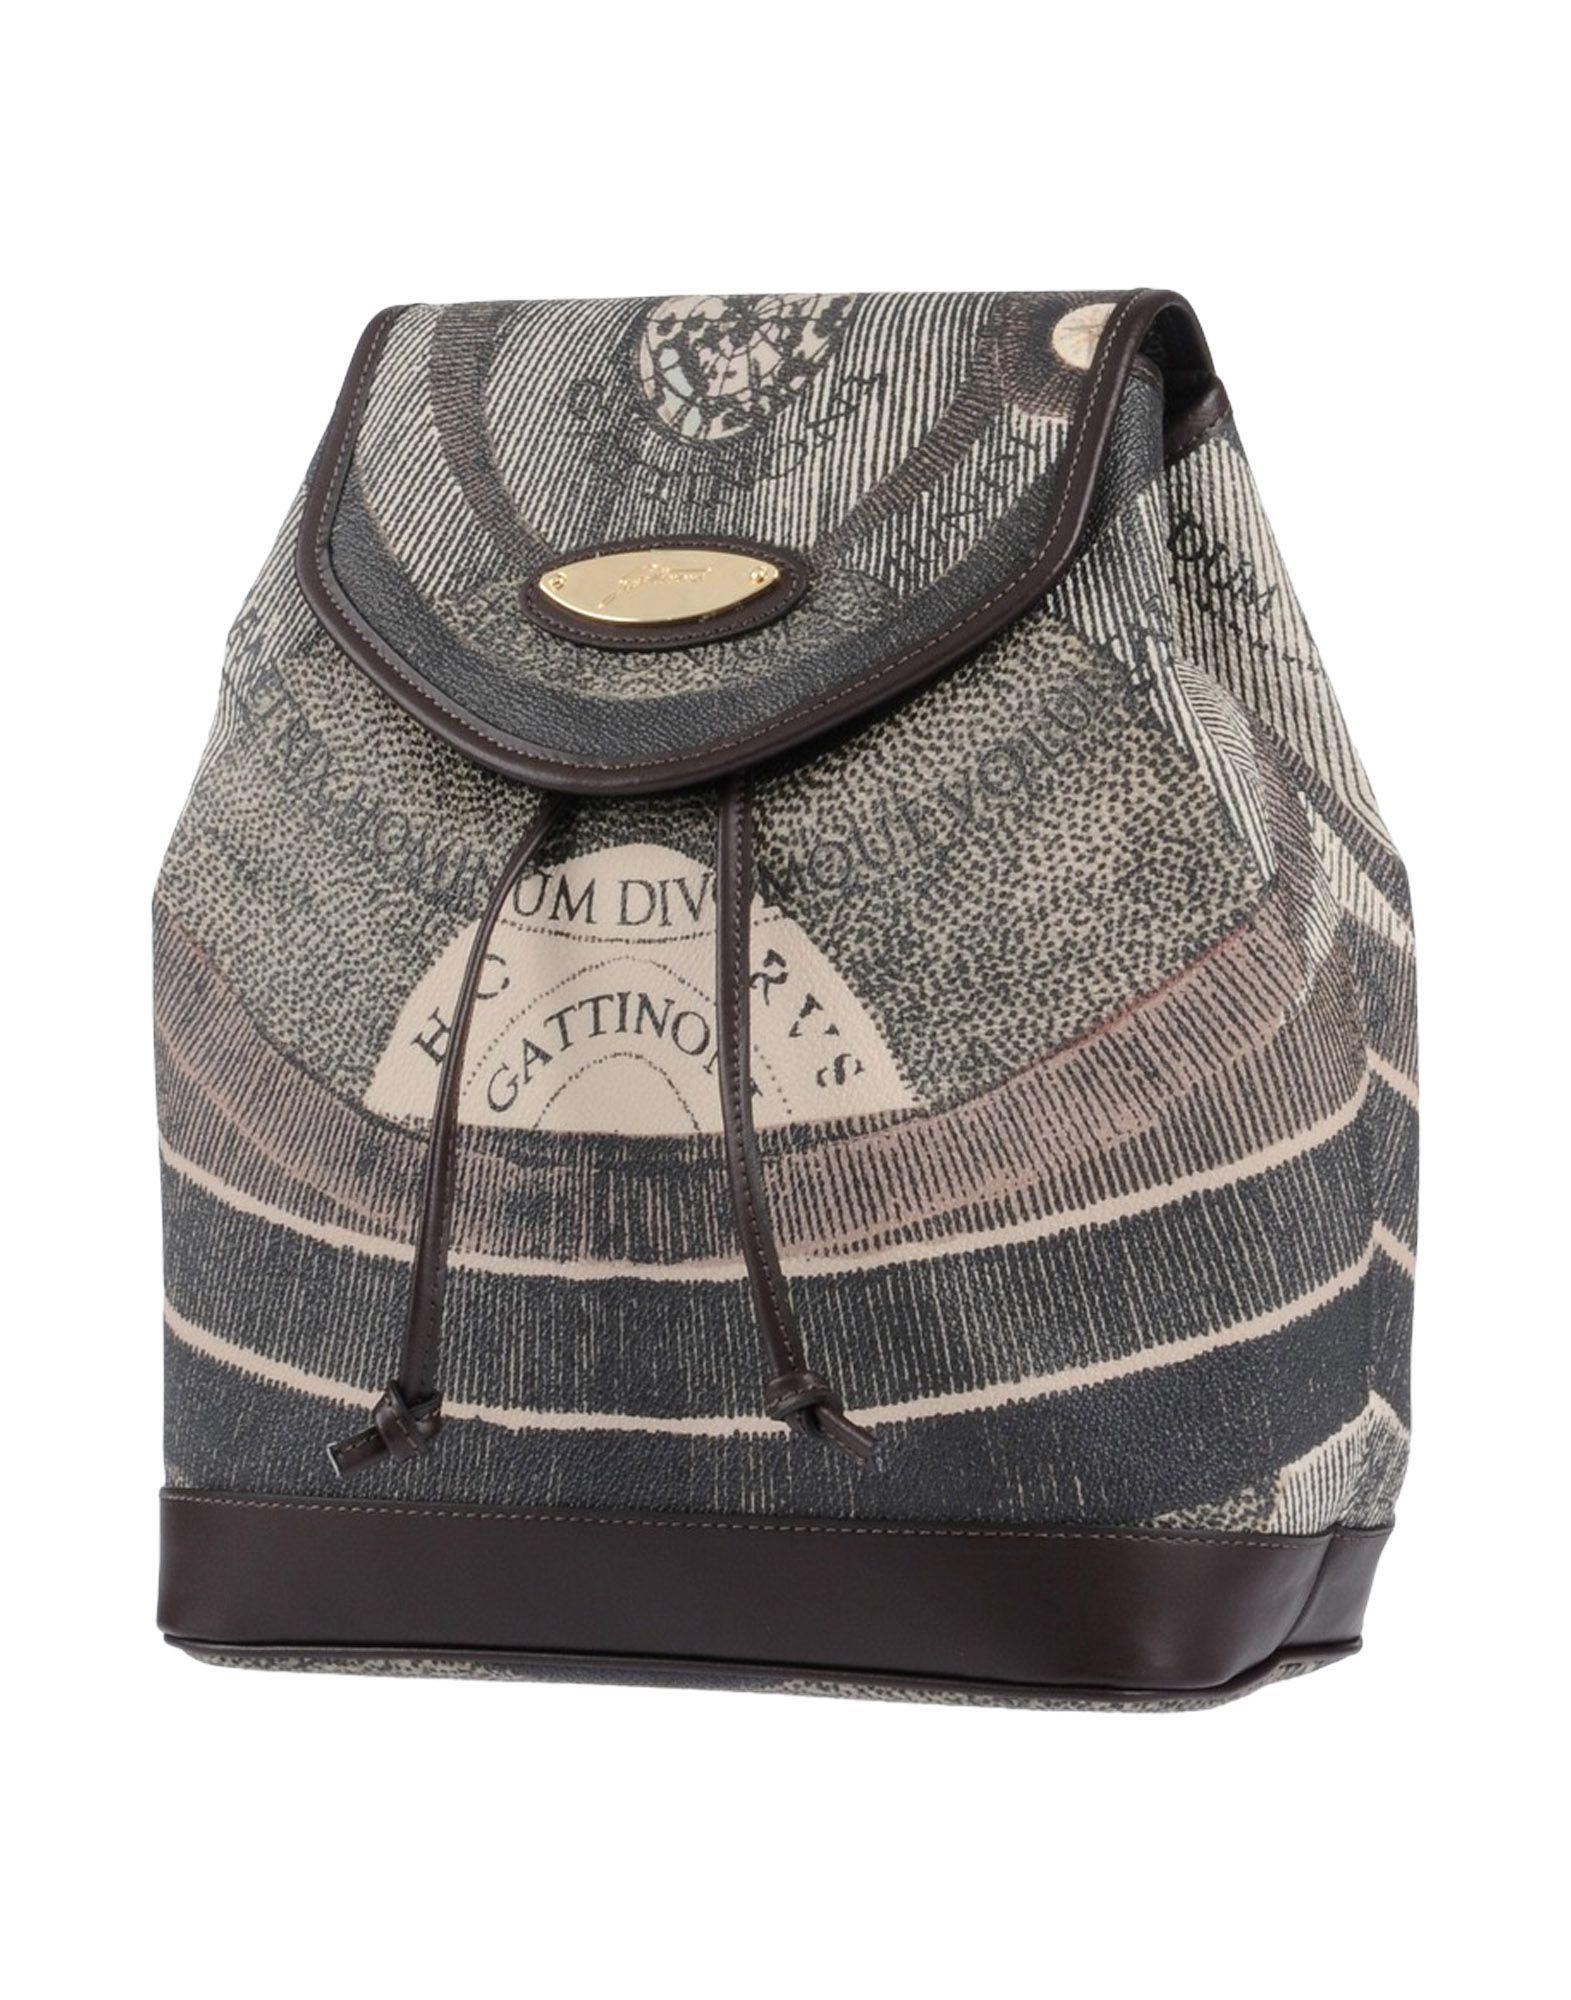 GATTINONI Рюкзаки и сумки на пояс дизайнер высокое качество натуральная кожа женские винтажные овчины твердые школьные сумки mochilas mujer 2017 рюкзаки для девочек